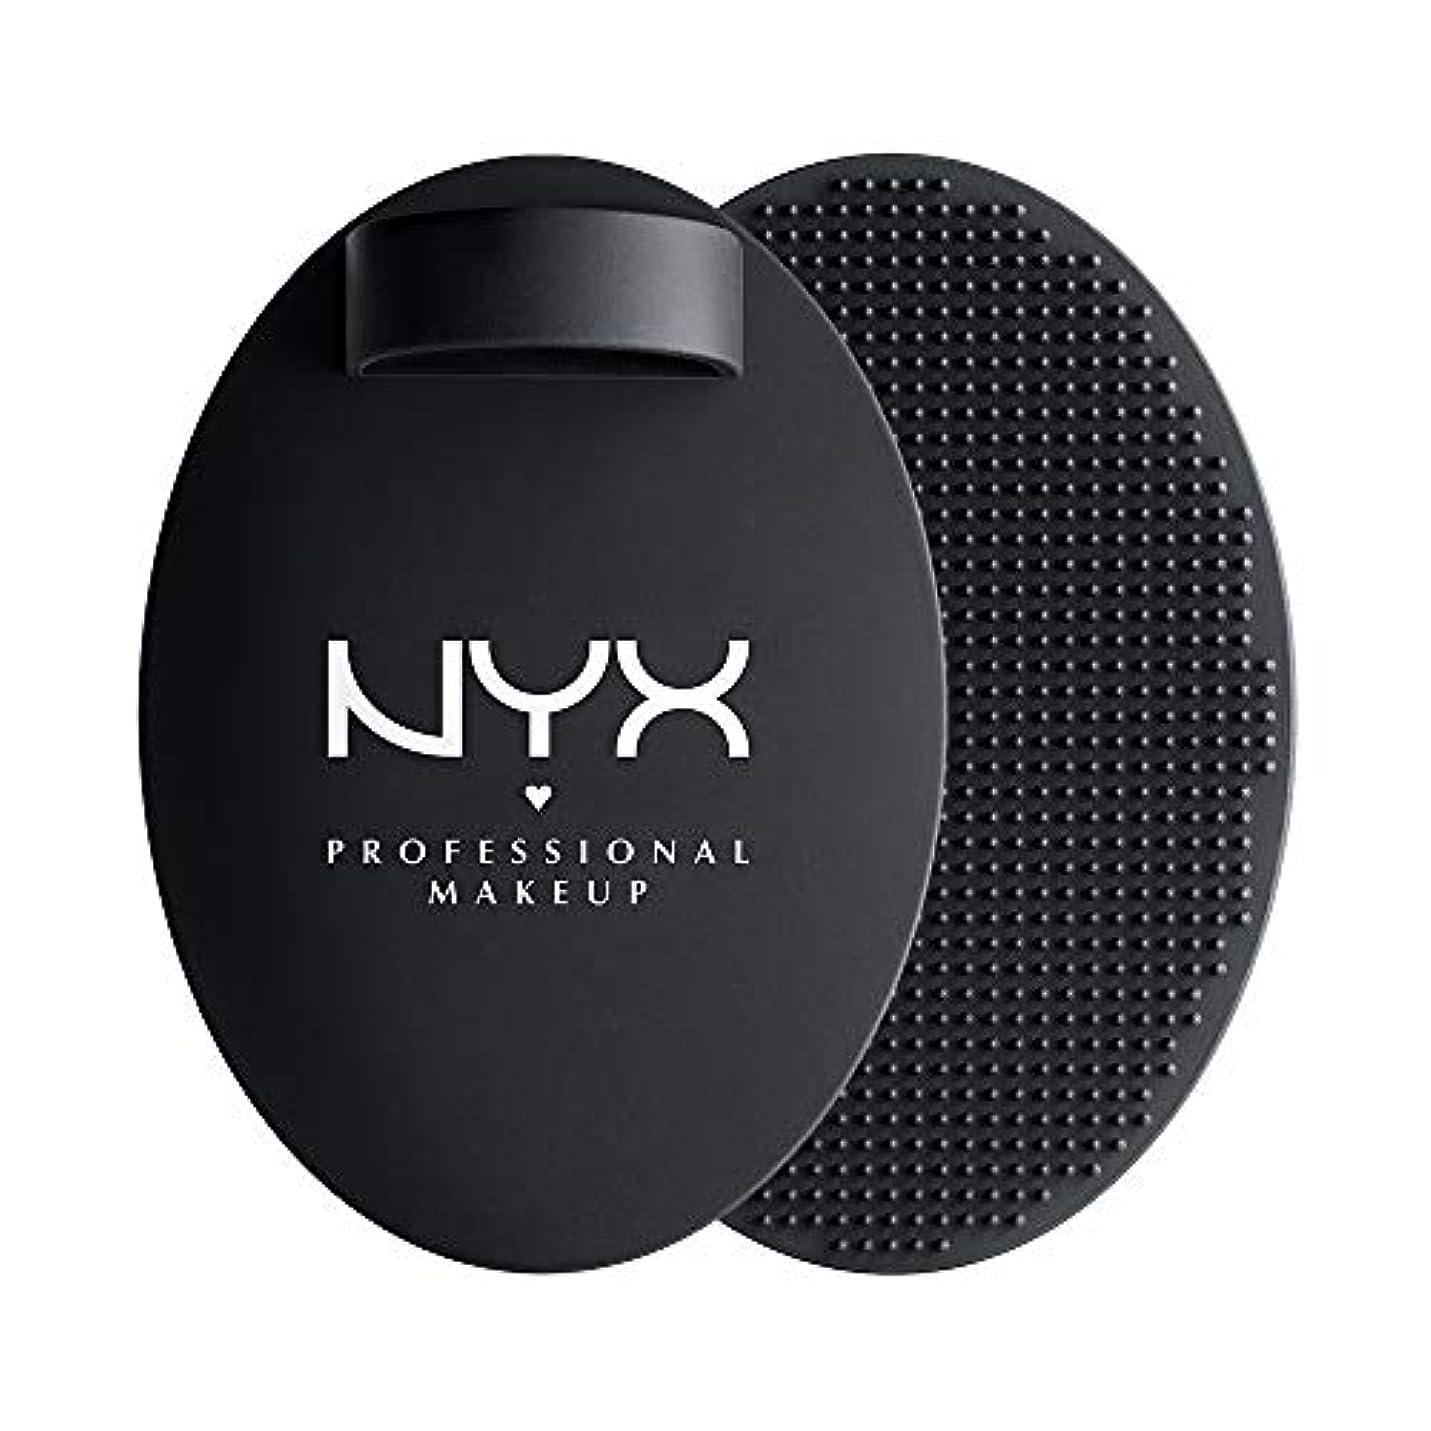 レンドブランデー落ち着いたNYX(ニックス) オン ザ スポット ブラシ クレンジング パッド 01